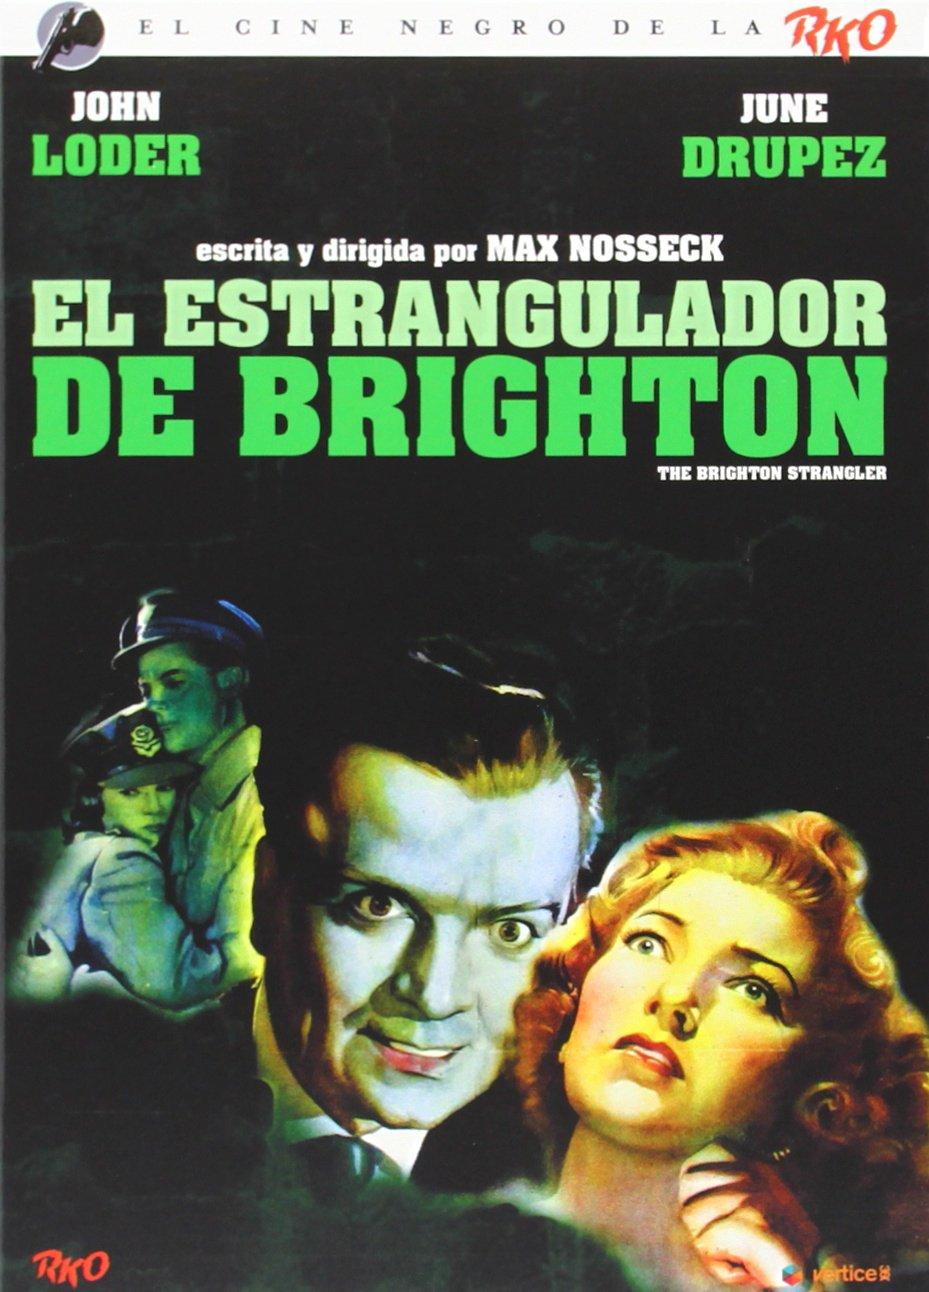 Cine Negro RKO: El Estrangulador De Brighton Incluye Libreto Exclusivo De 24 Páginas DVD: Amazon.es: John Loder, June Duprez, Michael St. Angel, ...